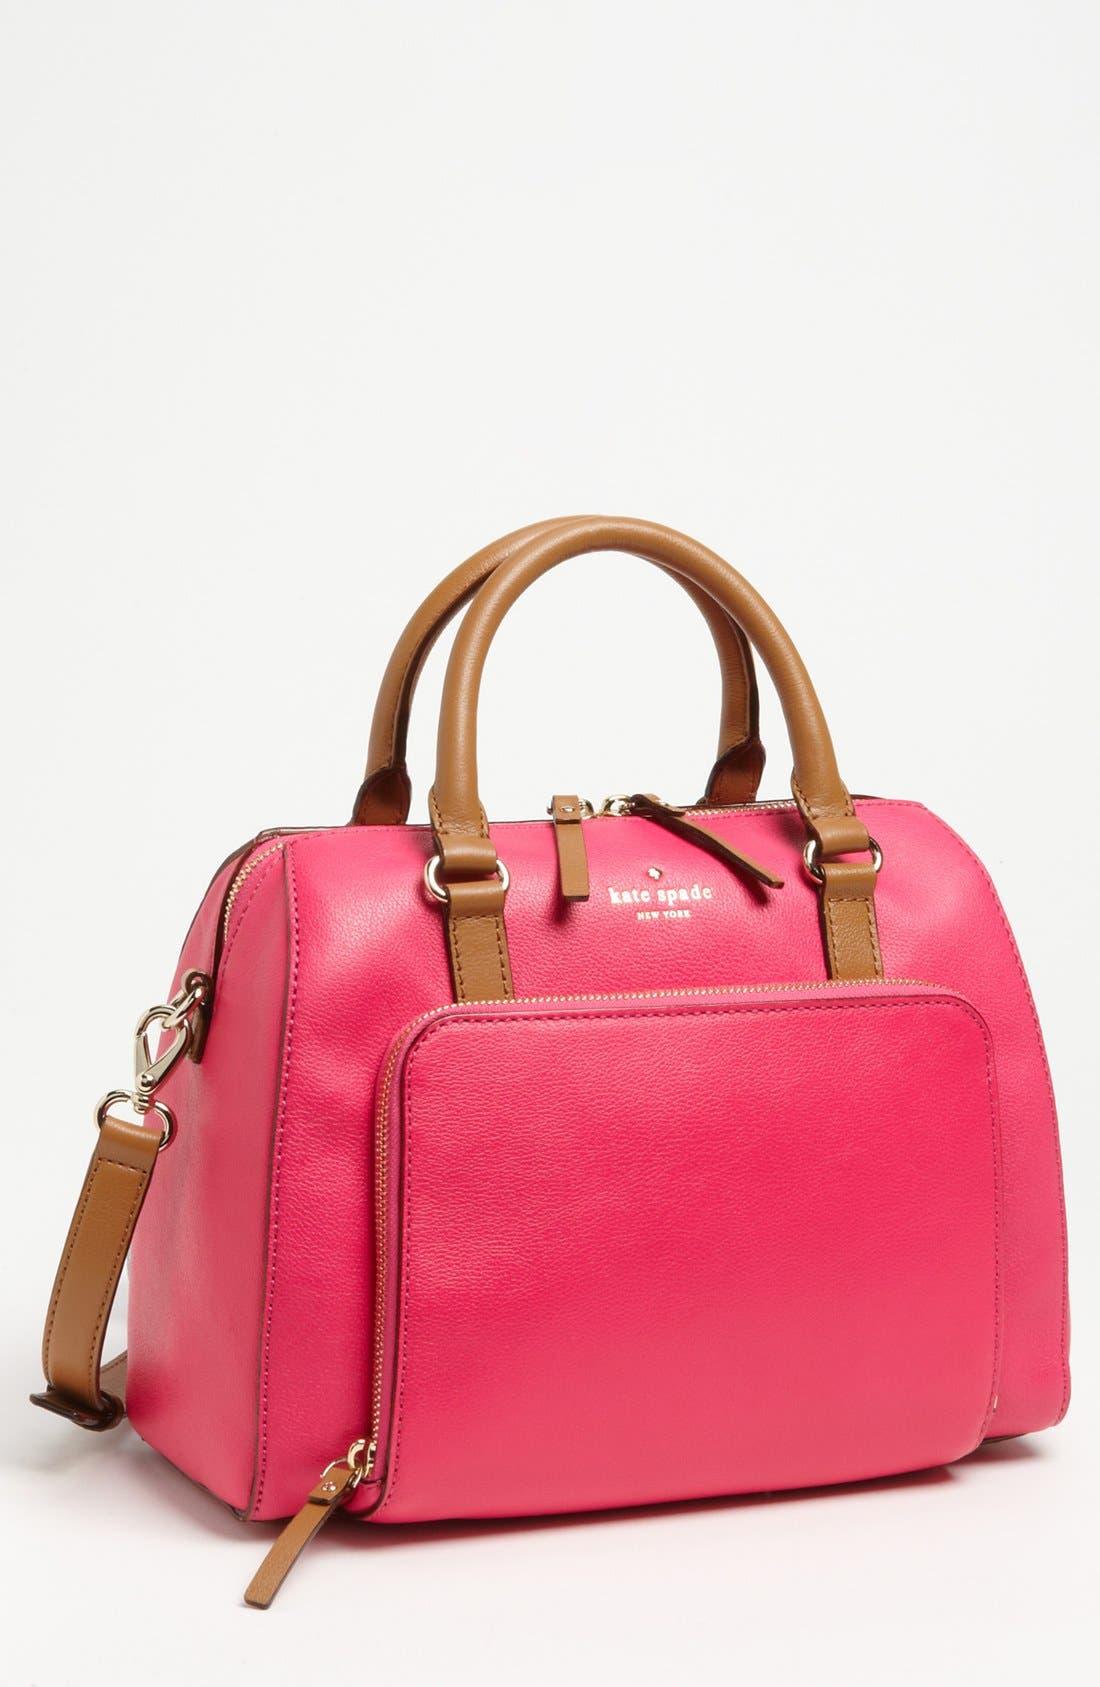 Main Image - kate spade new york 'hester street - lisette' satchel